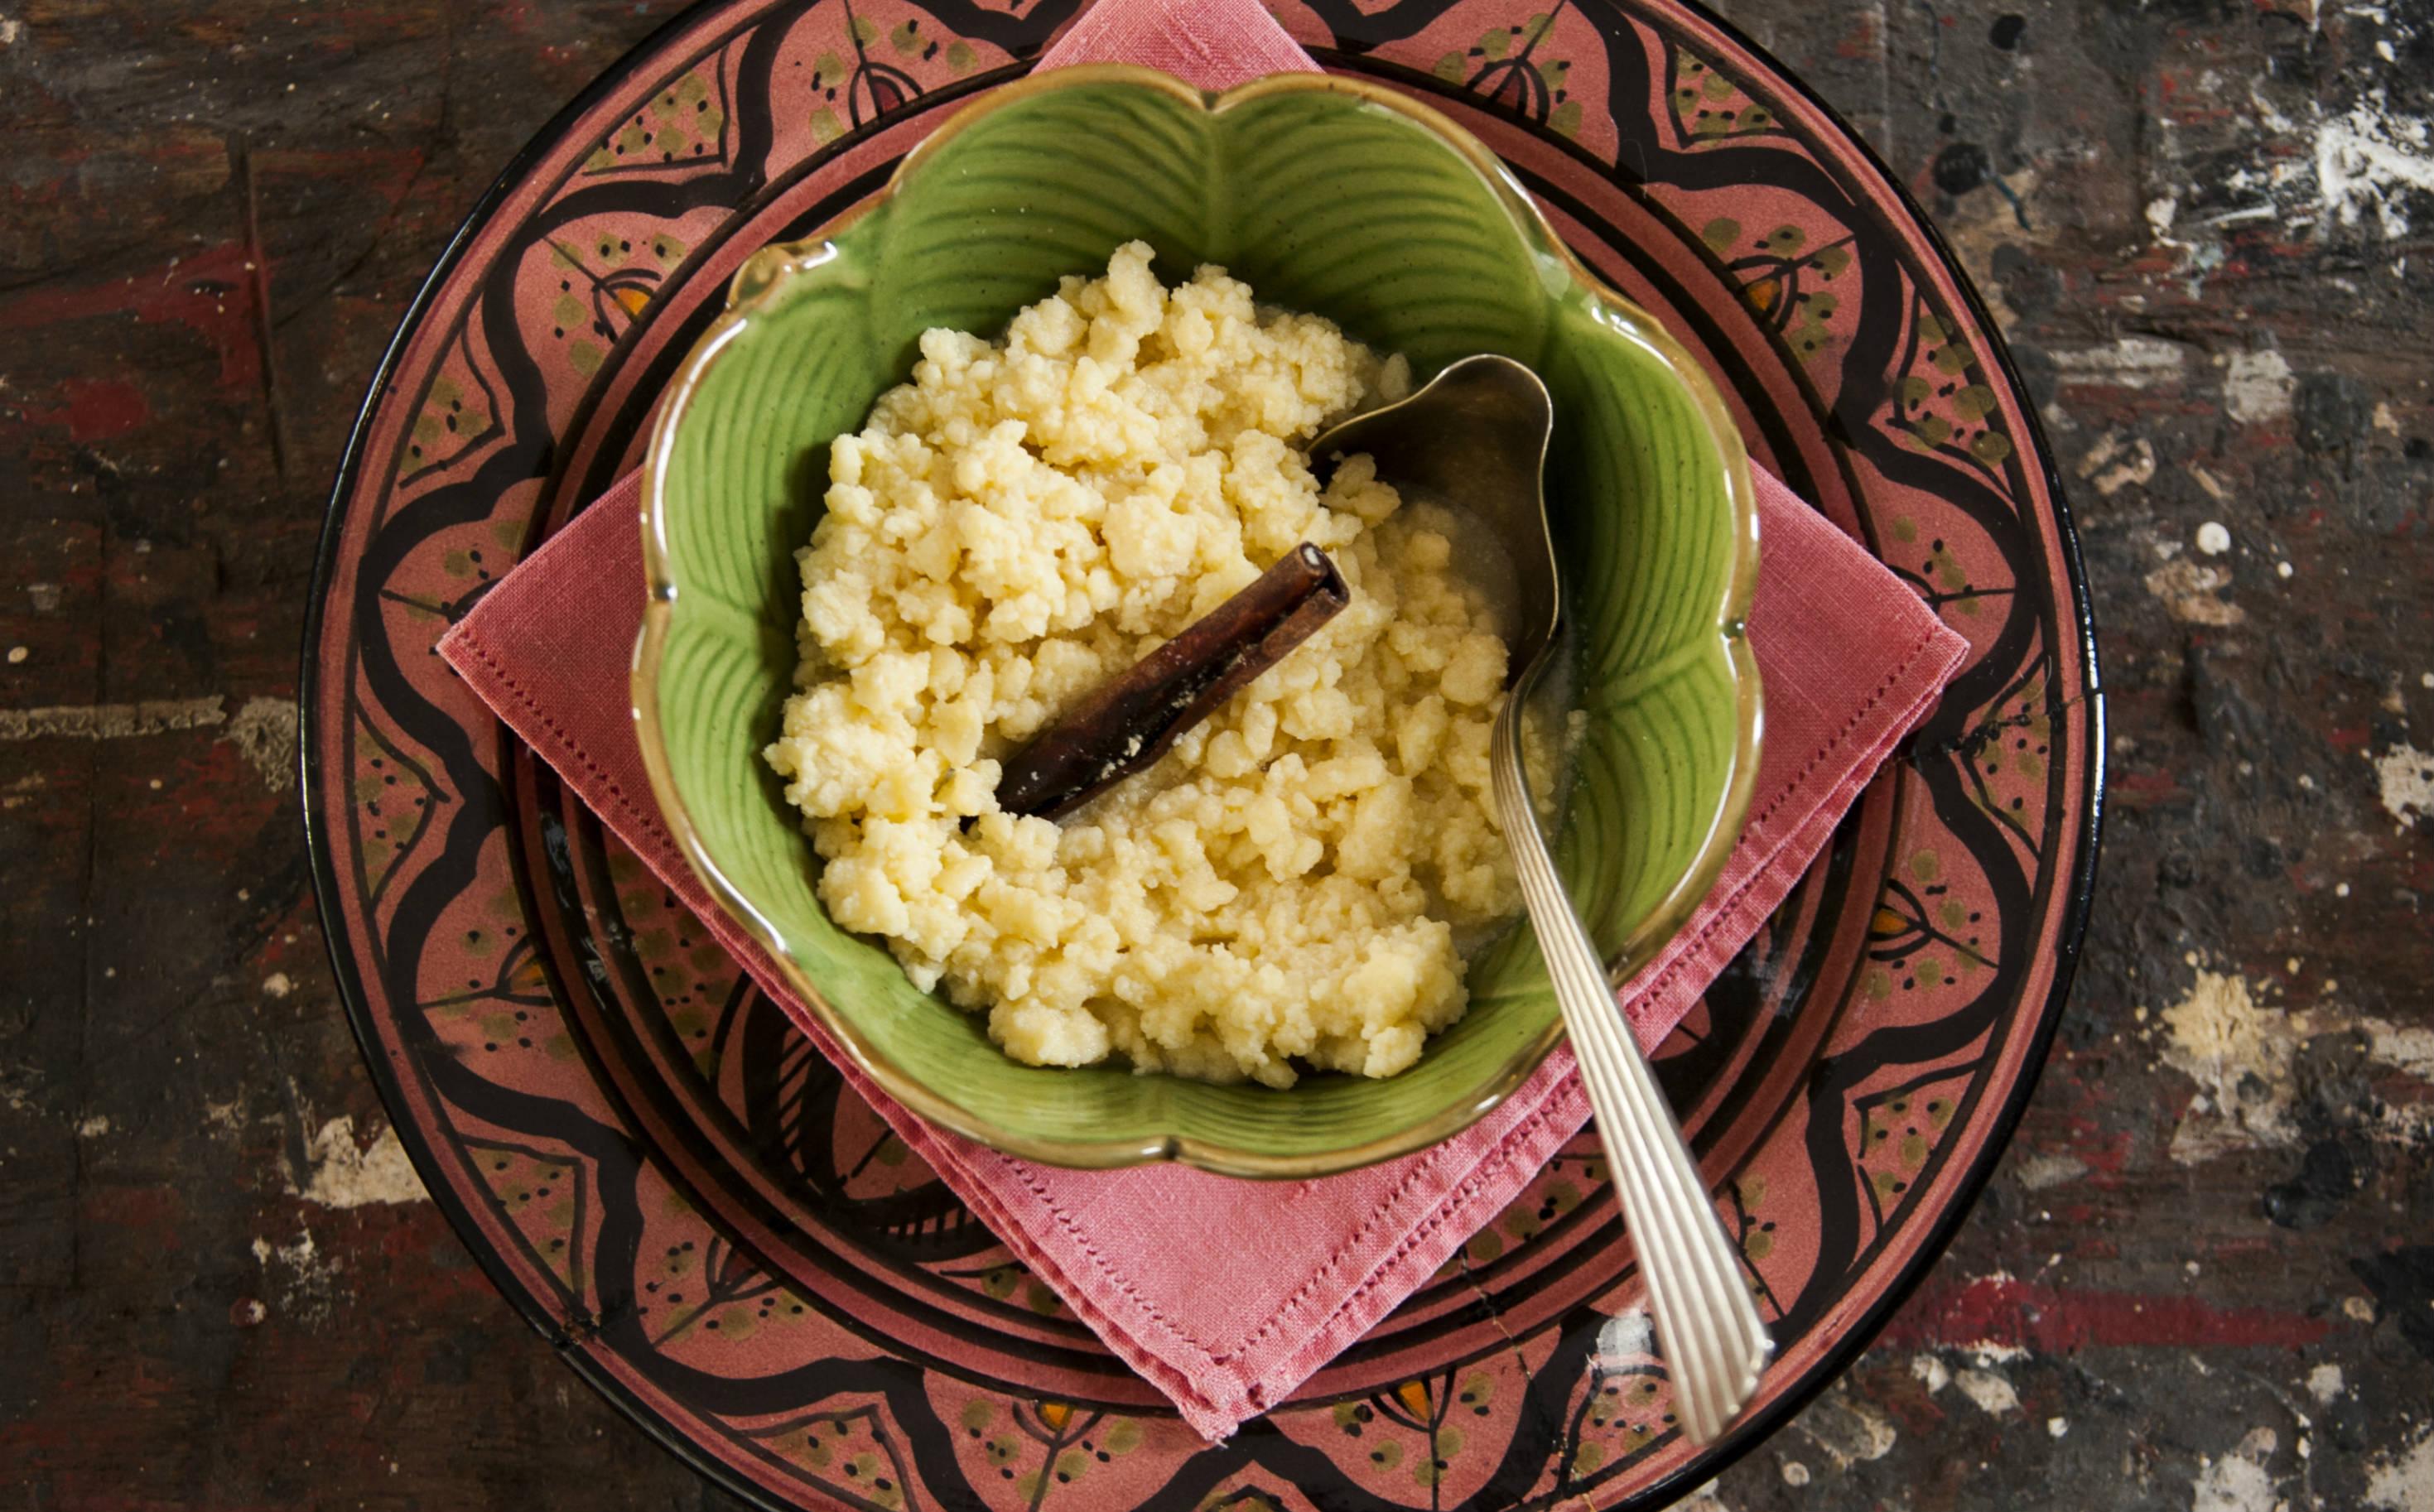 #515918 Ambrosia rápida de leite em pó Cozinha Prática Programas GNT 2939x1826 px Projeto Cozinha Rita Lobo #2687 imagens